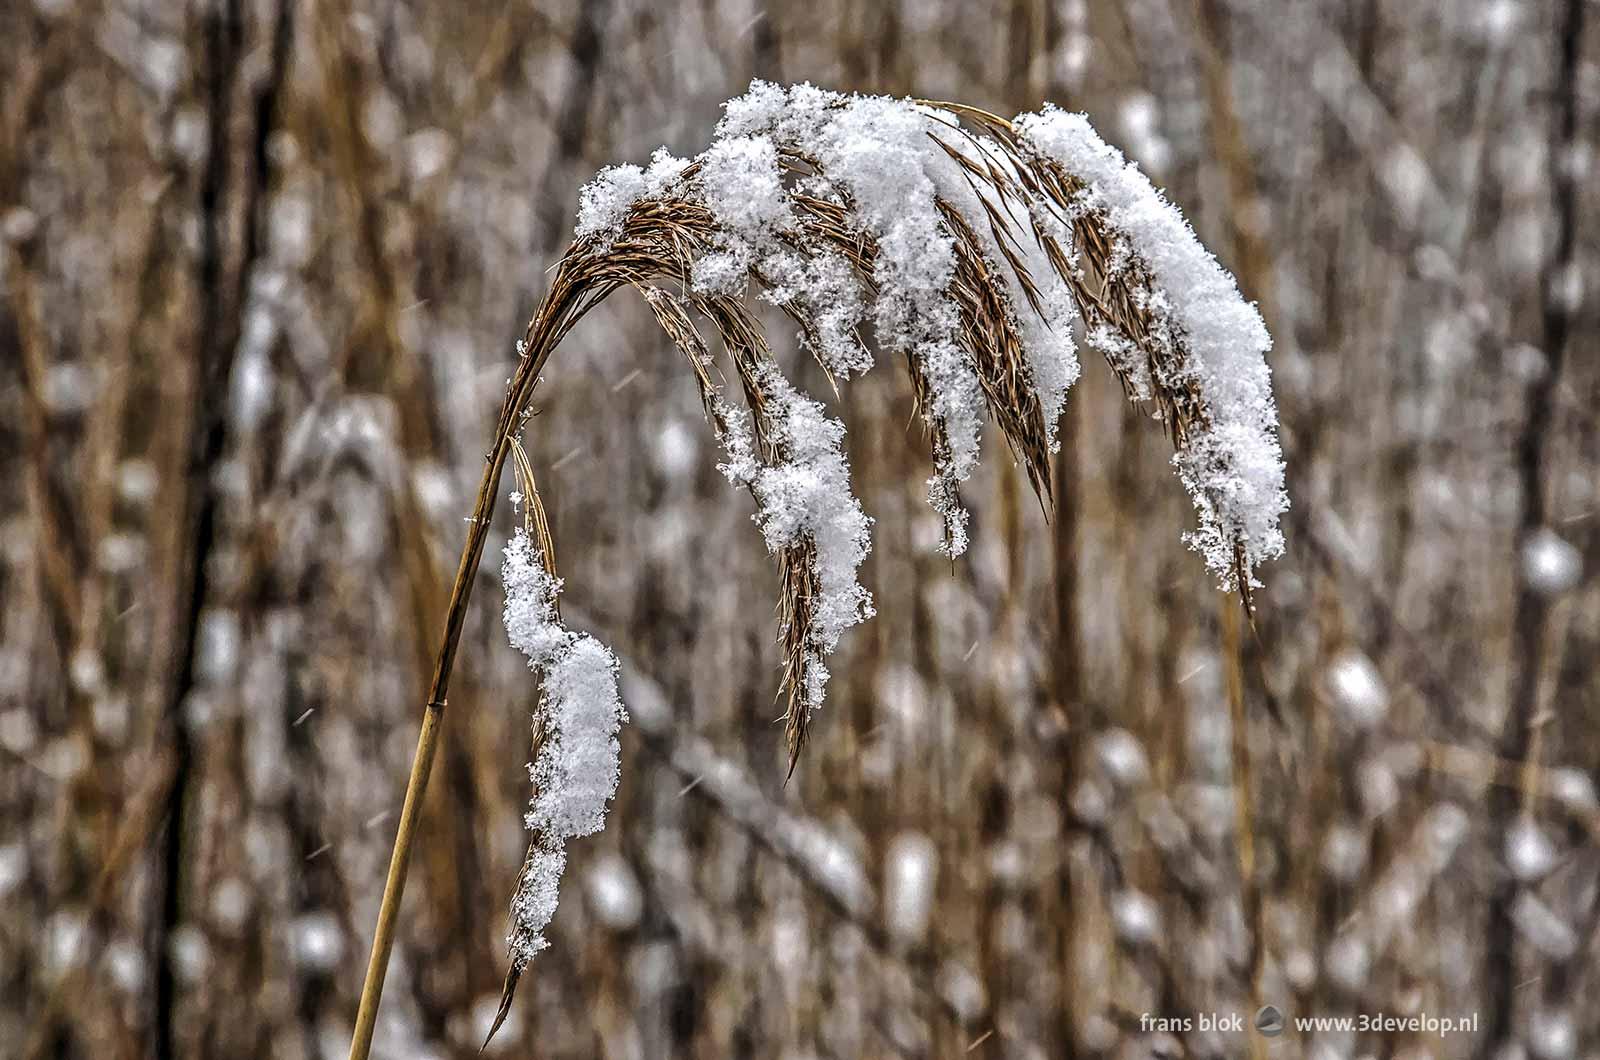 Rietpluim, met sneeuw bedekt, in het Hitland bij Capelle aan den IJssel